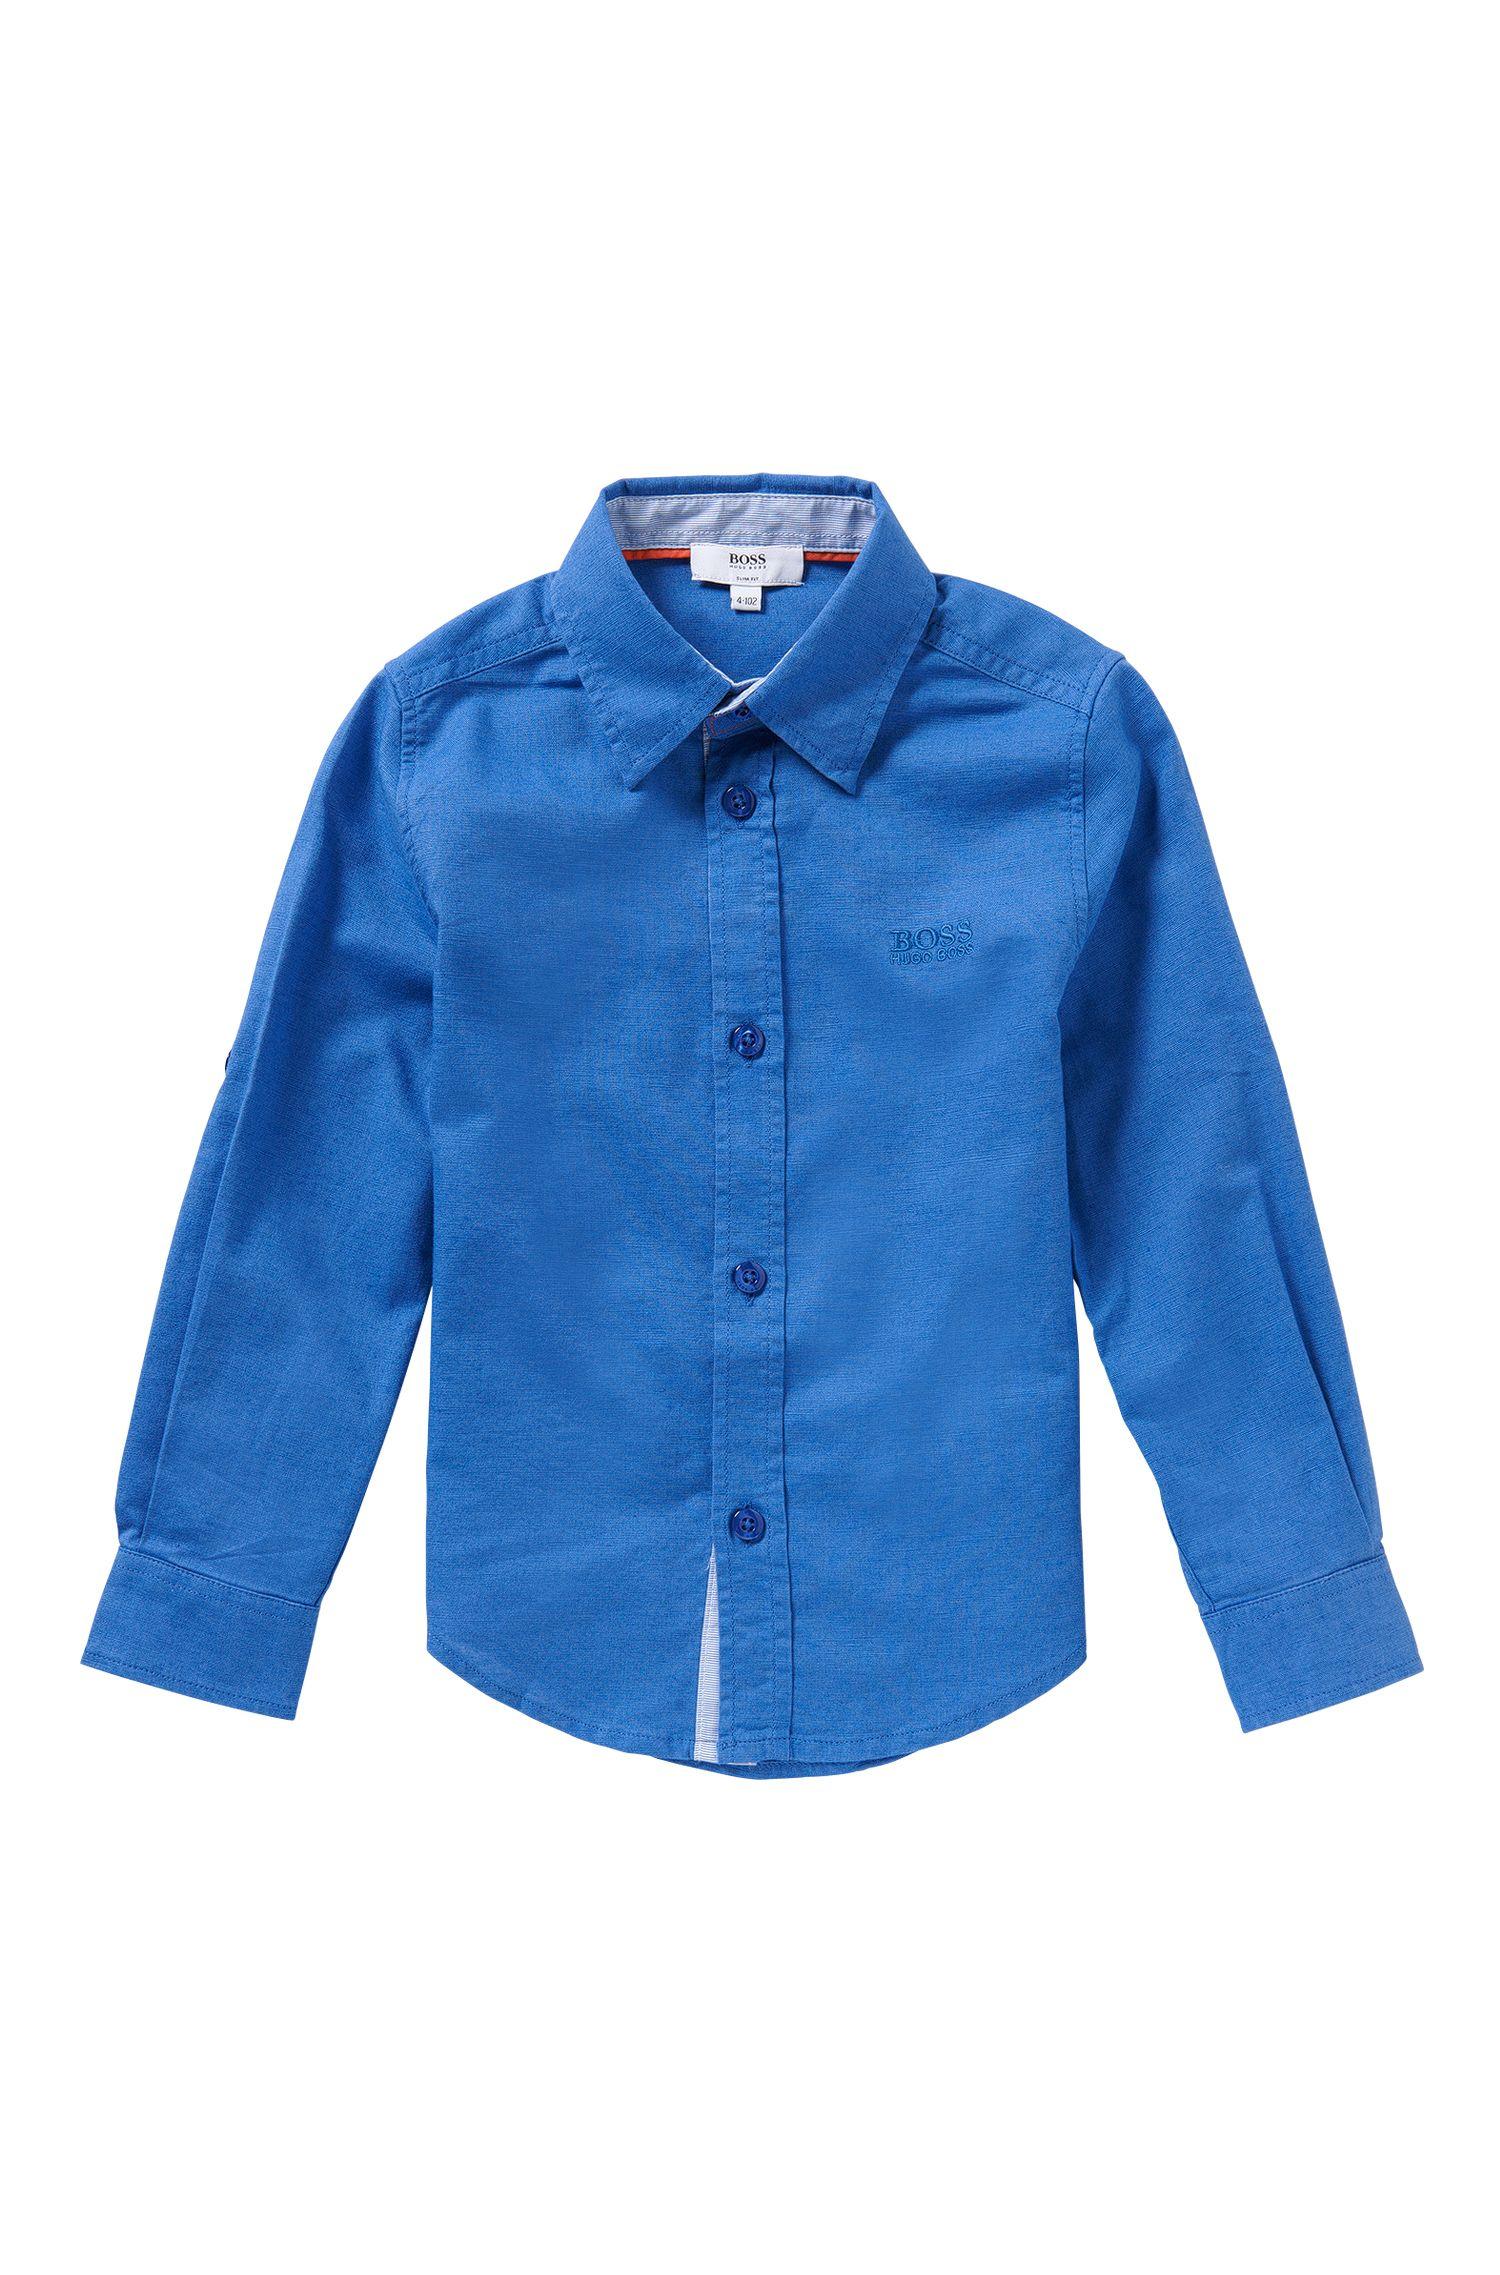 'J25949' | Boys Cotton Linen Blend Button Down Shirt